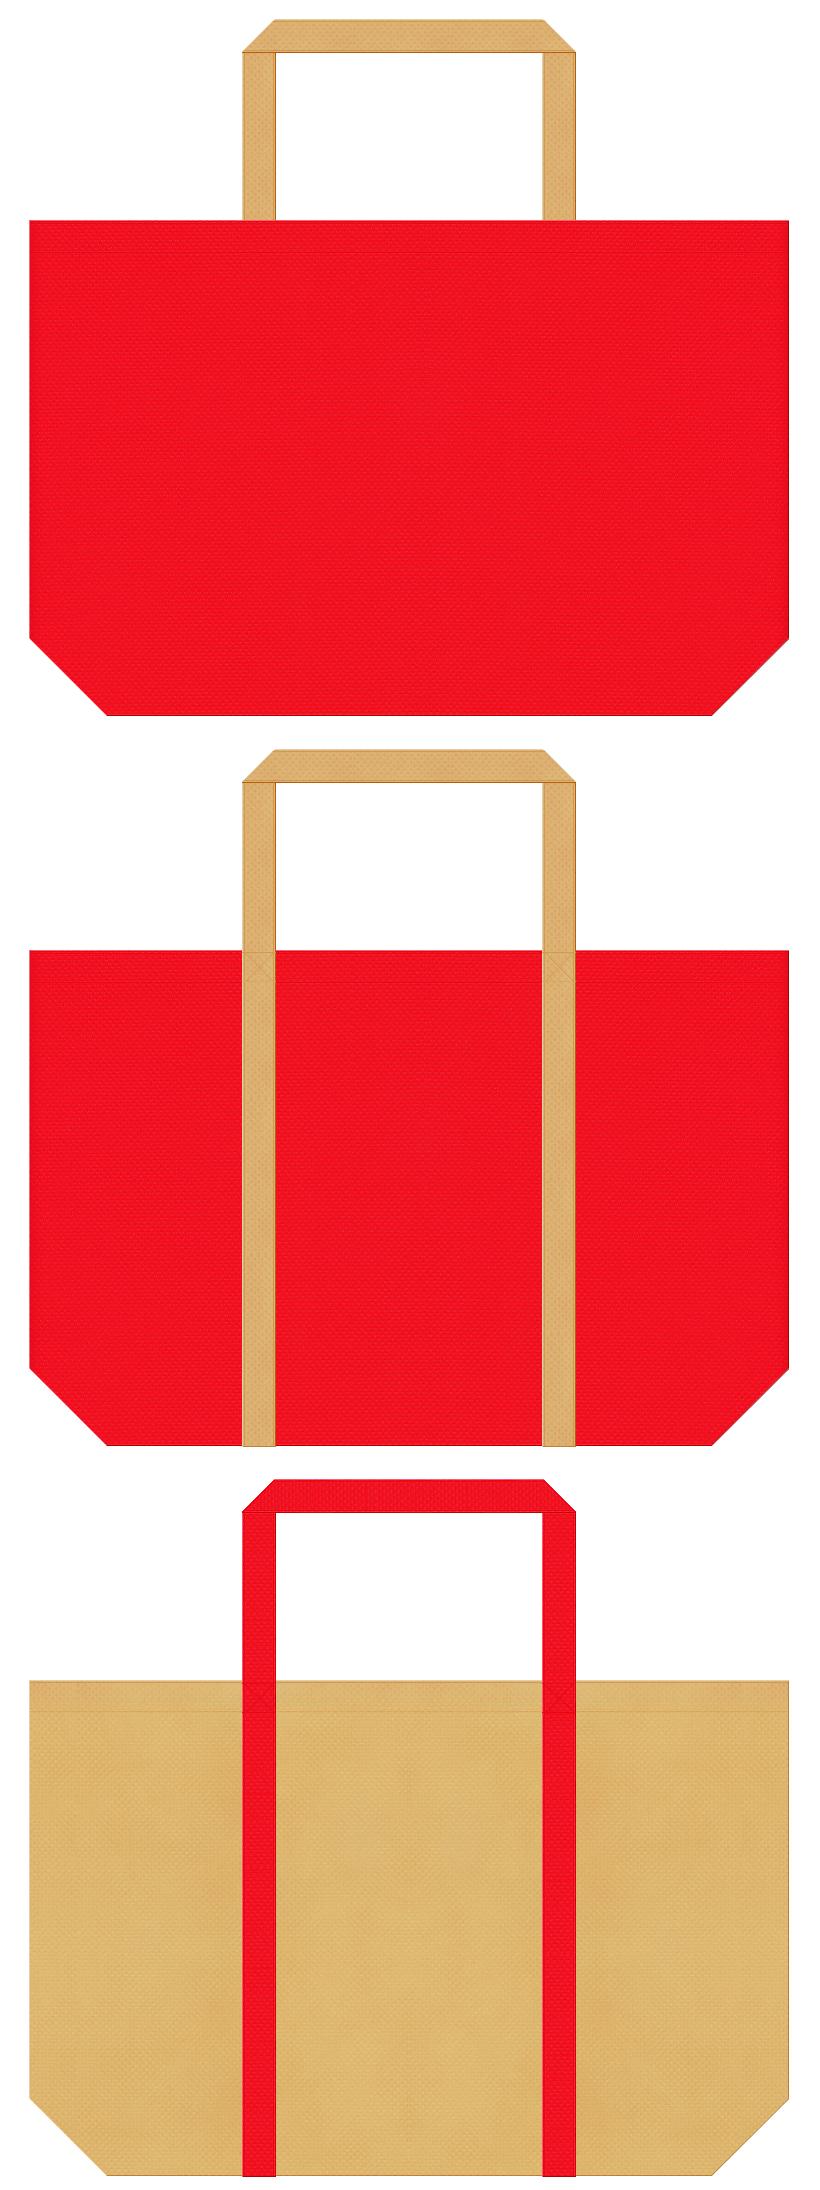 赤鬼・節分・大豆・一合枡・野点傘・茶会・御輿・お祭り・和風催事・福袋にお奨めの不織布バッグデザイン:赤色と薄黄土色のコーデ